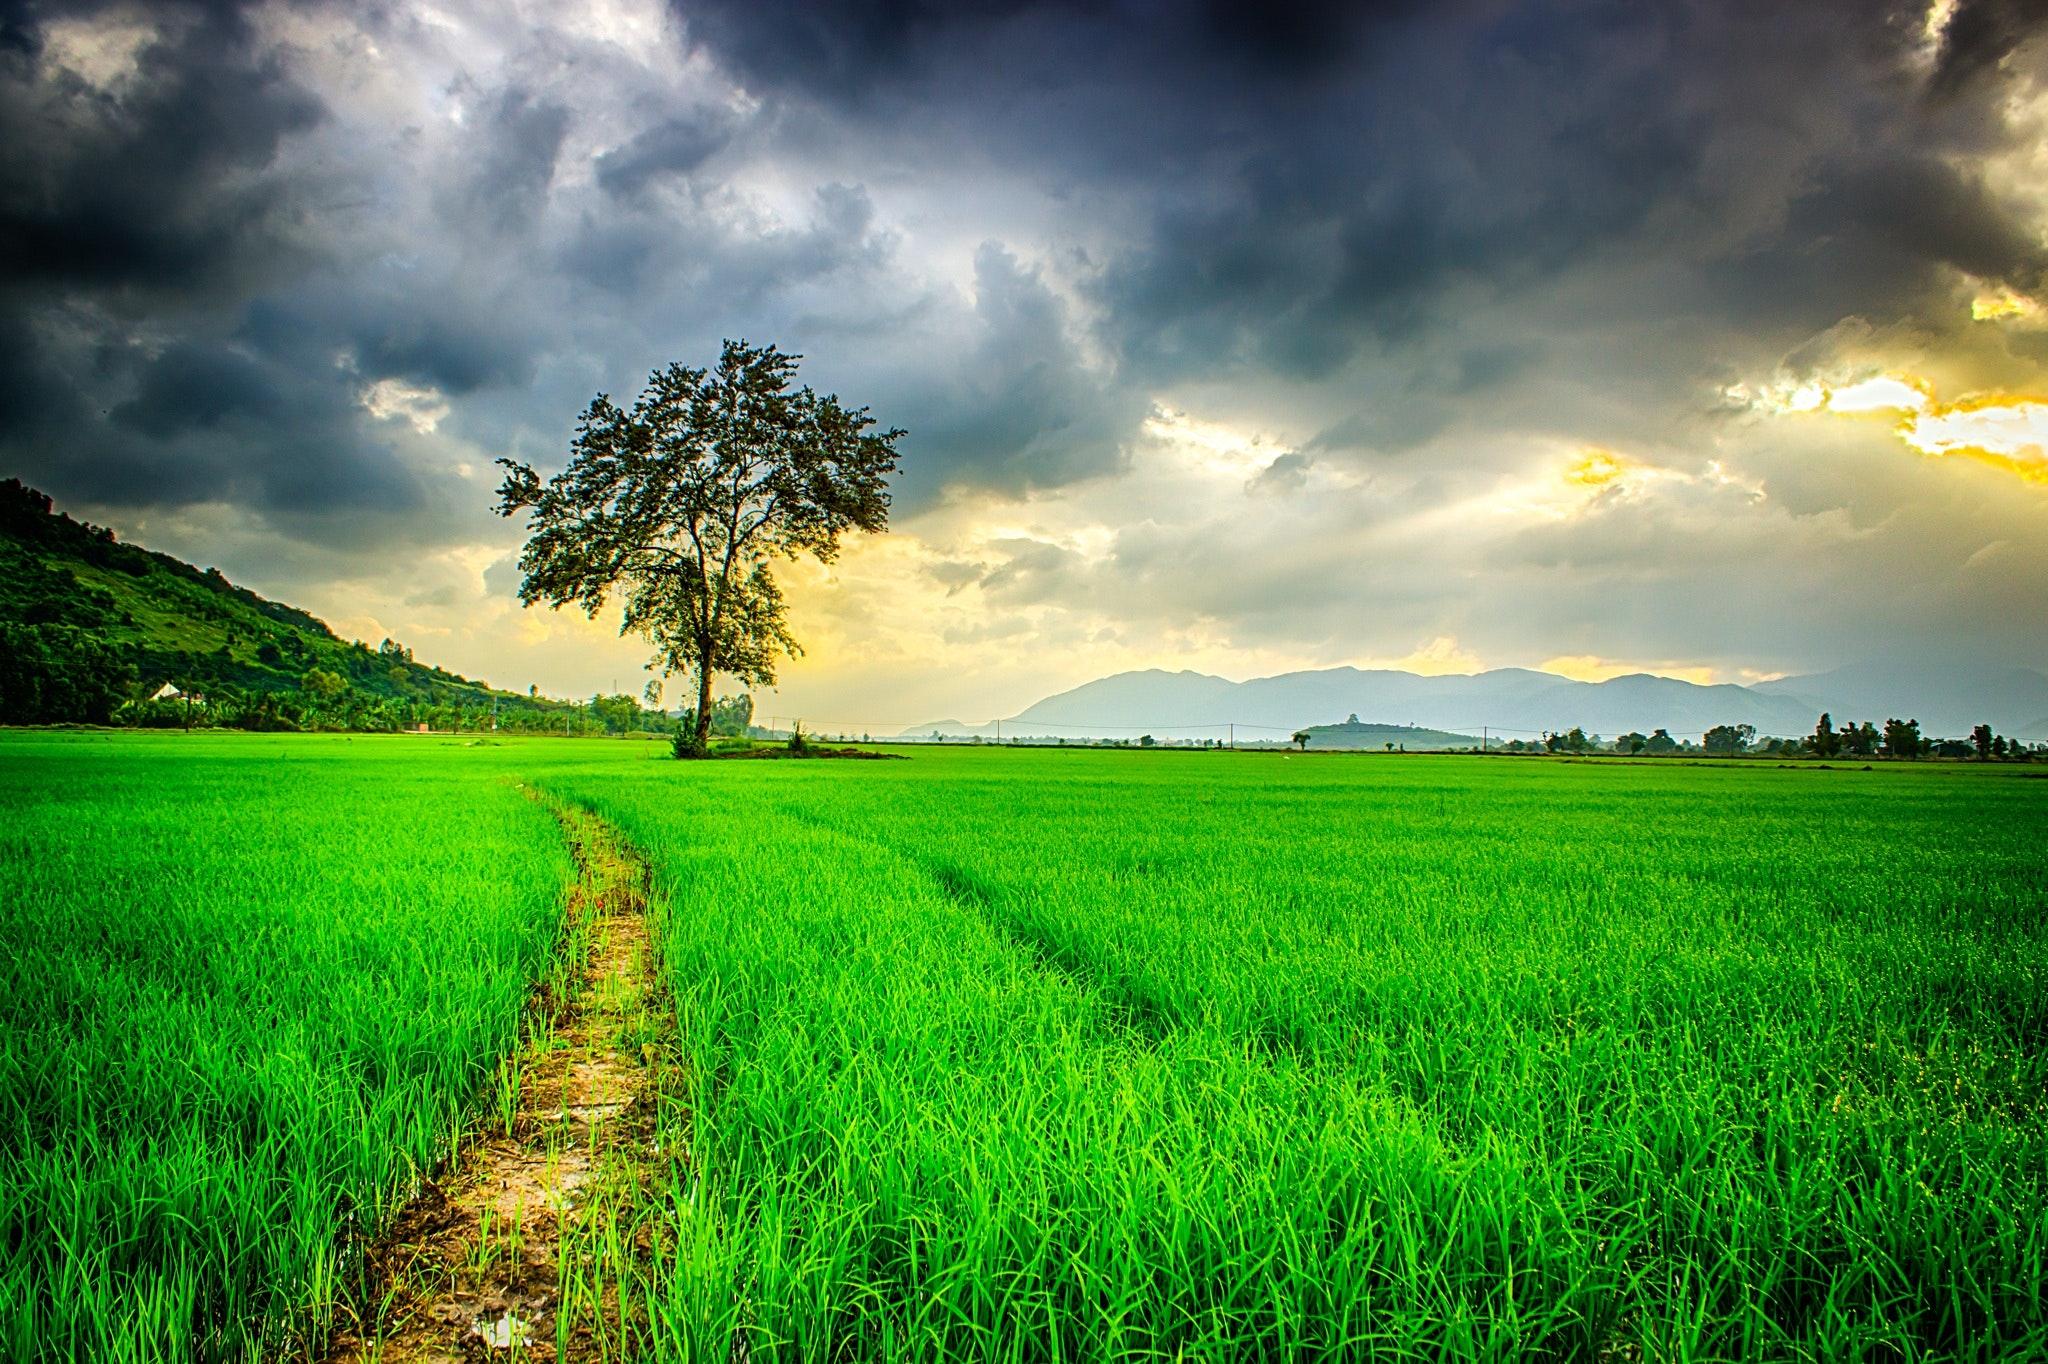 Hình ảnh background đồng cỏ xanh